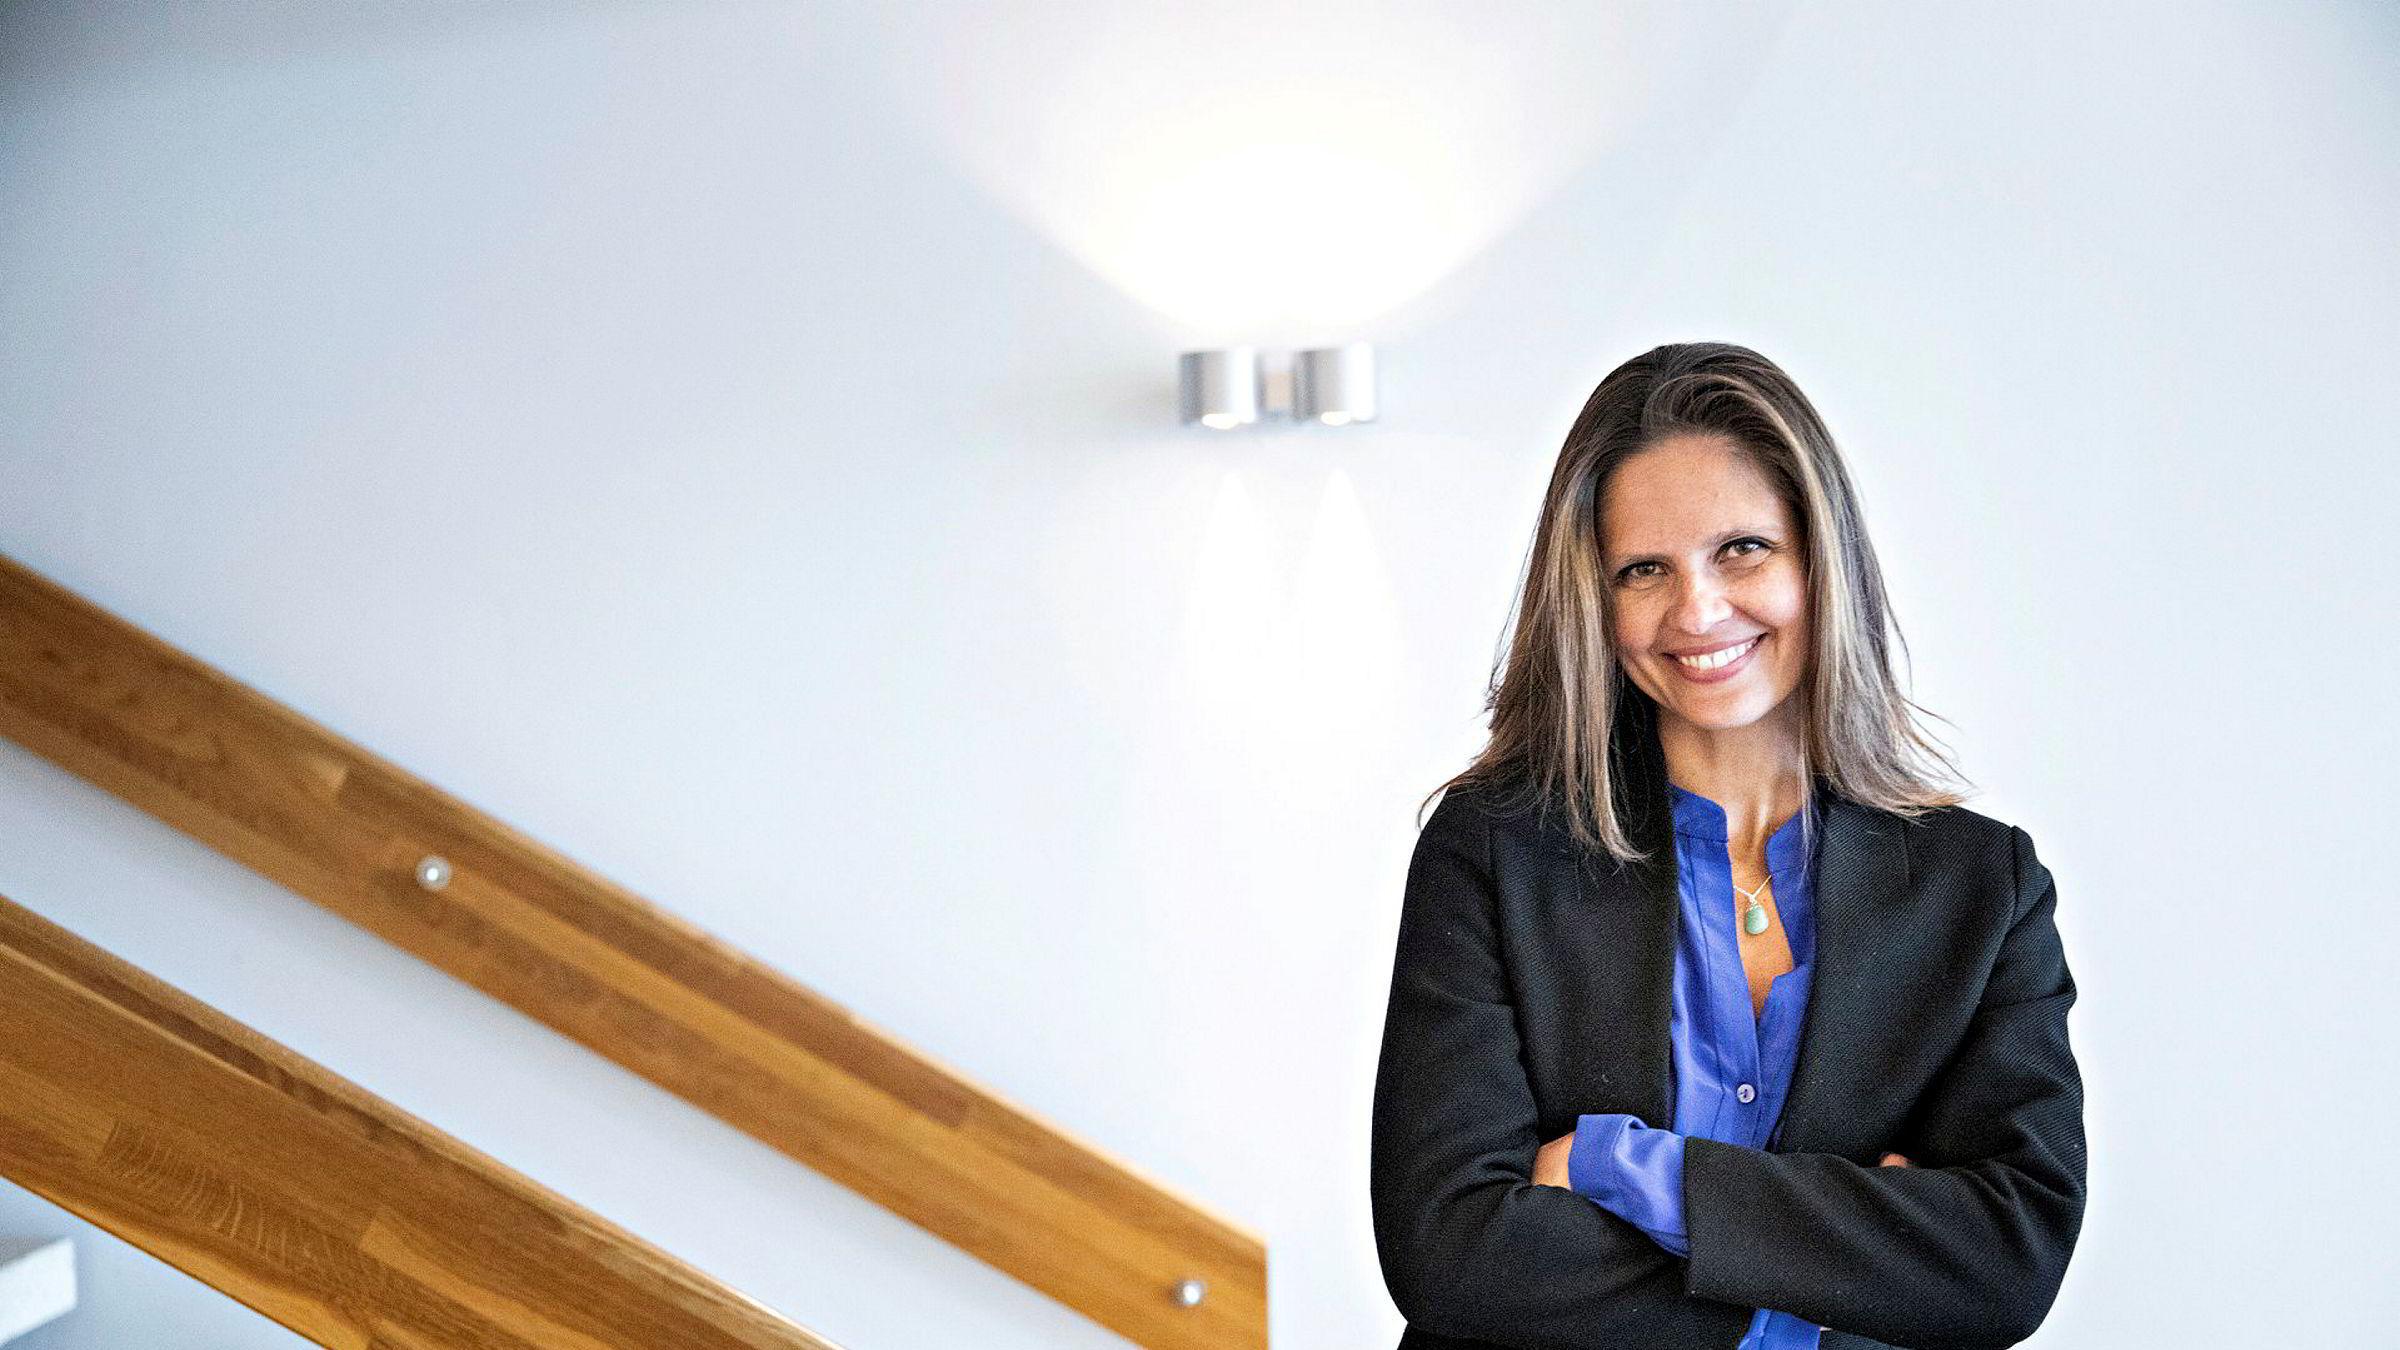 Oljeanalytiker Nadia Martin Wiggen i Pareto Securities mener fredagens oljeprisfall kan se mer dramatisk ut enn det egentlig er.